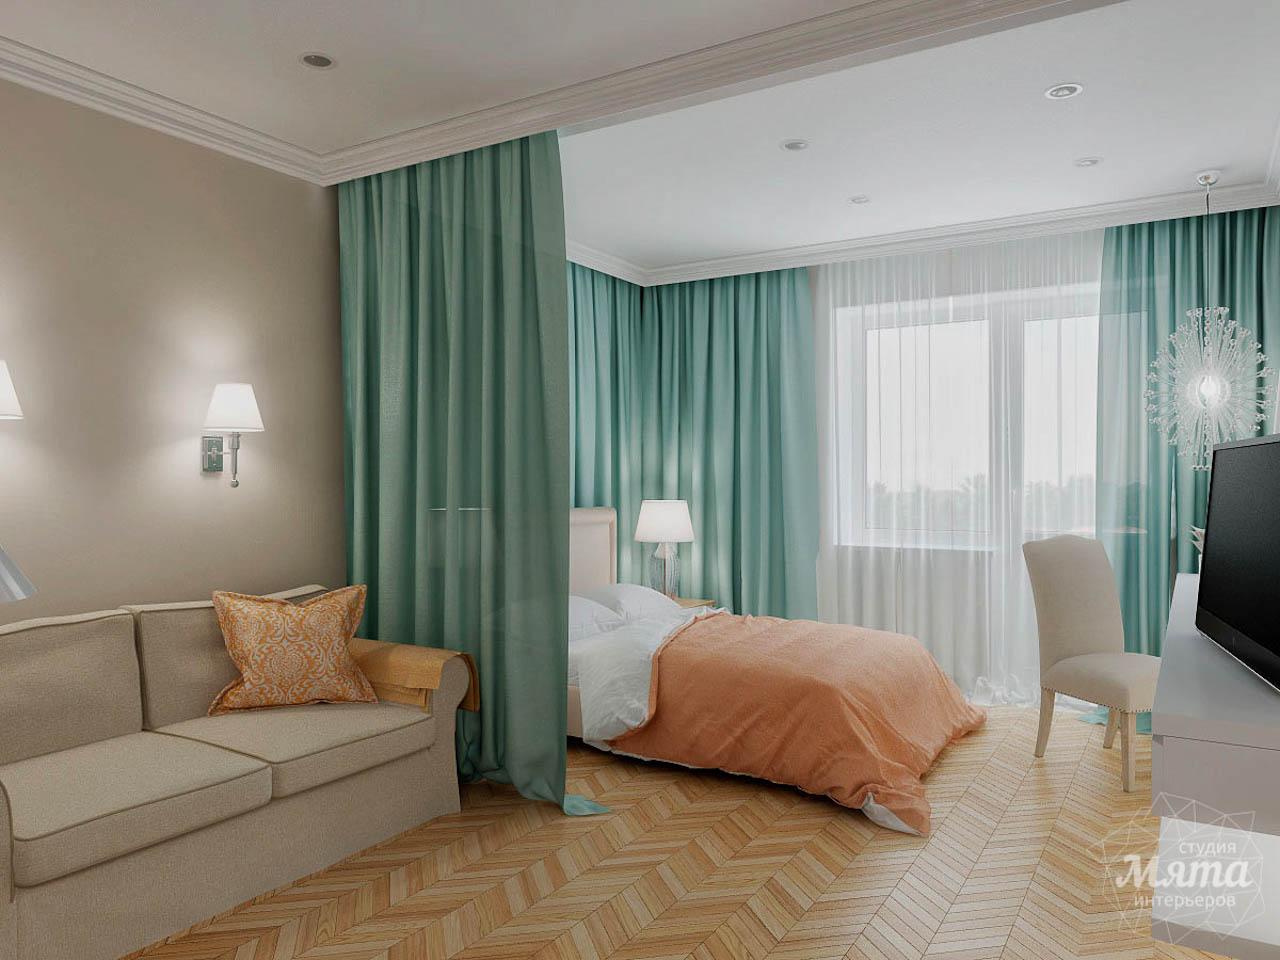 Дизайн интерьера однокомнатной квартиры по ул. Мичурина 231 img2035637133